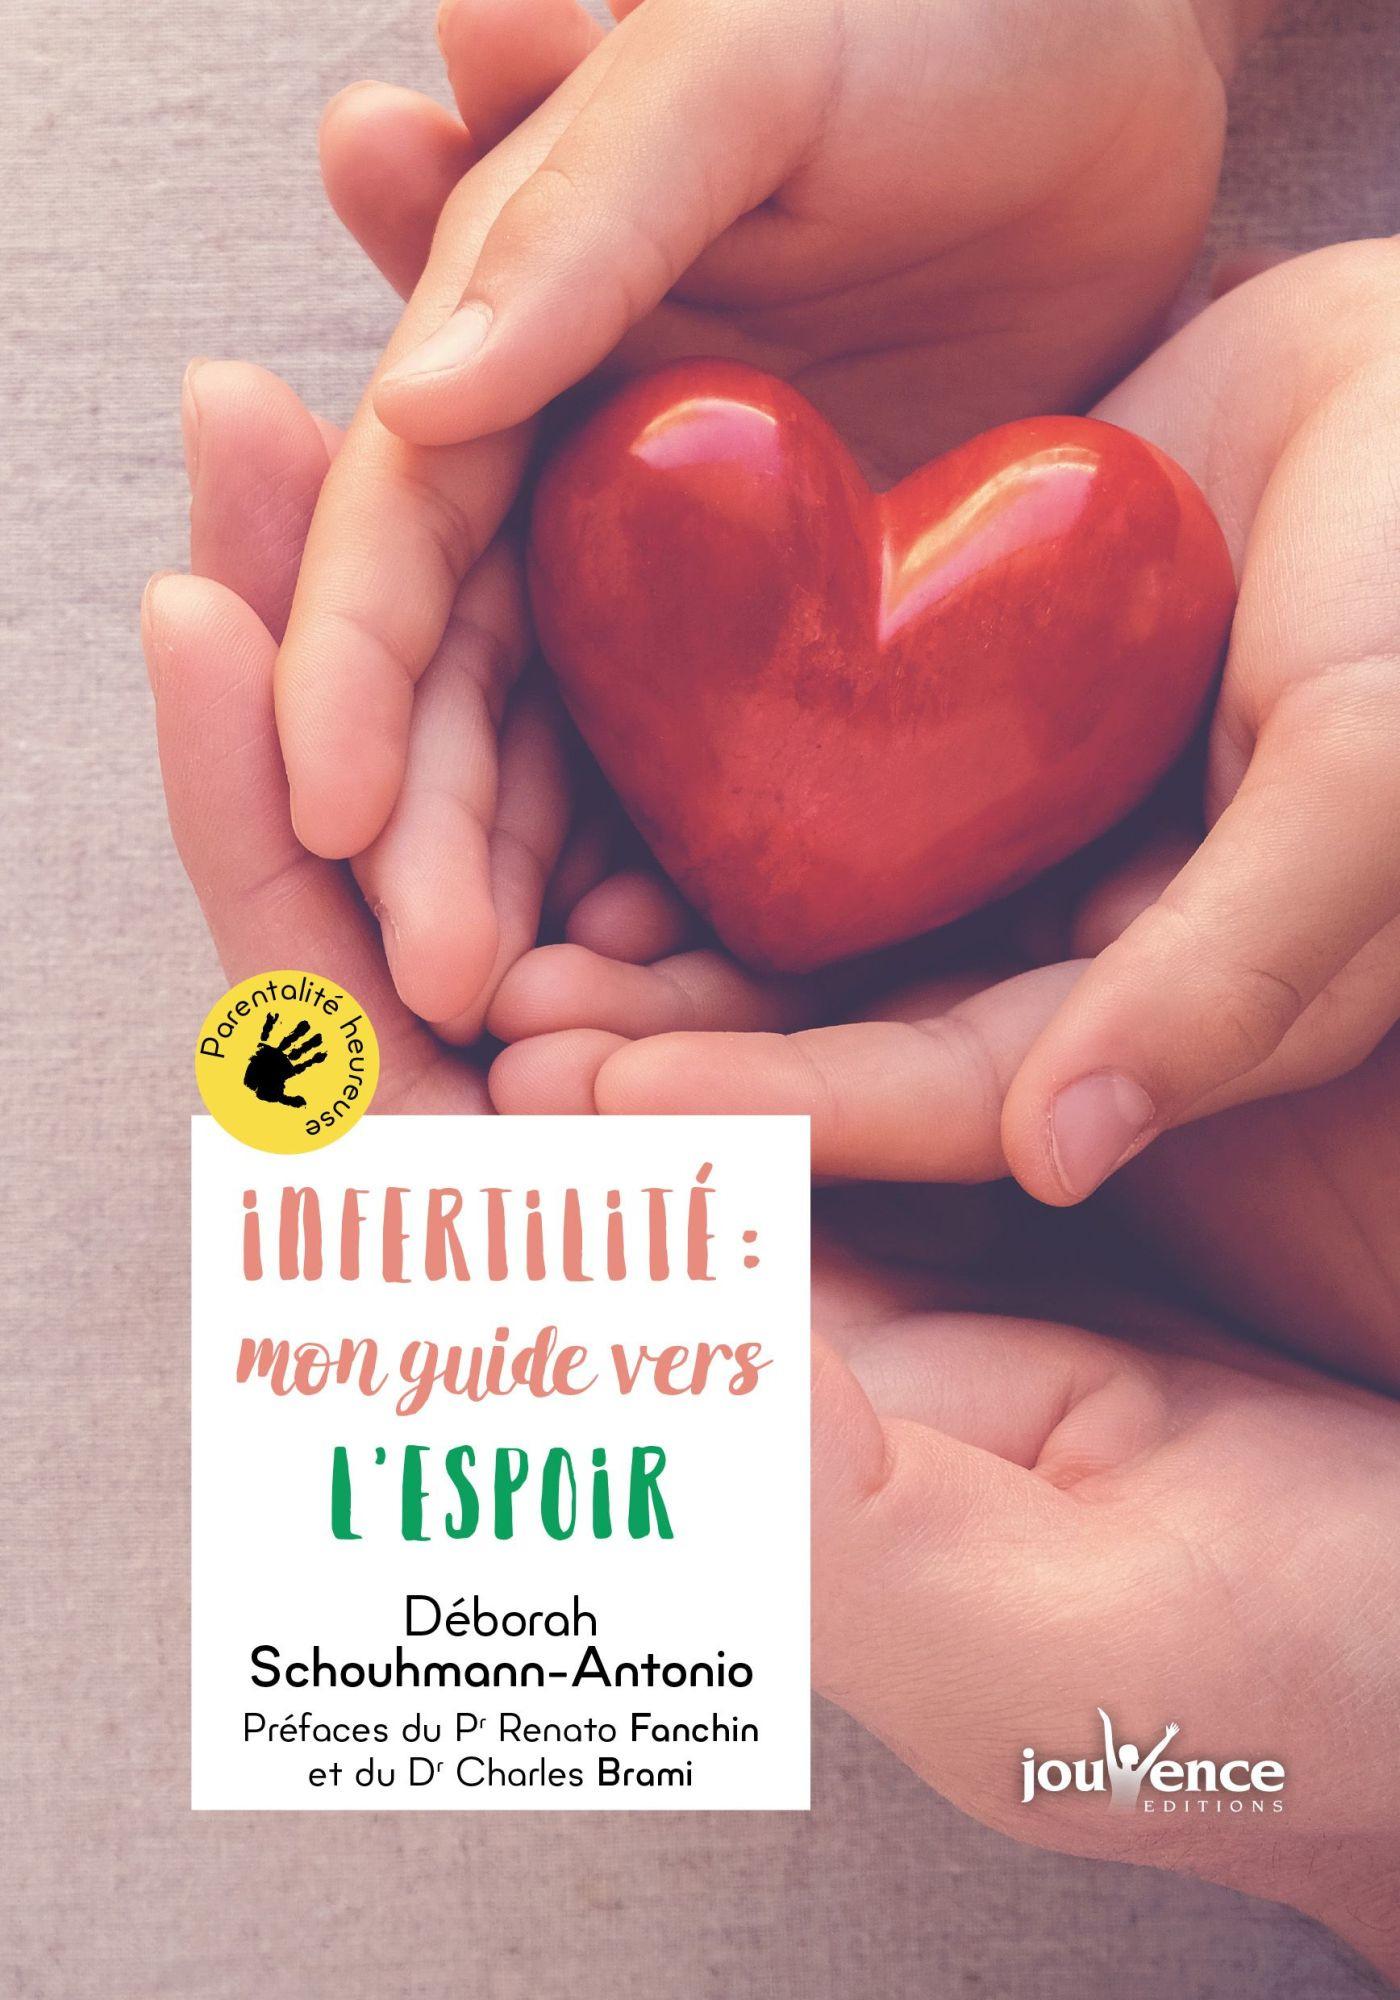 Infertilité : mon guide vers l'espoir